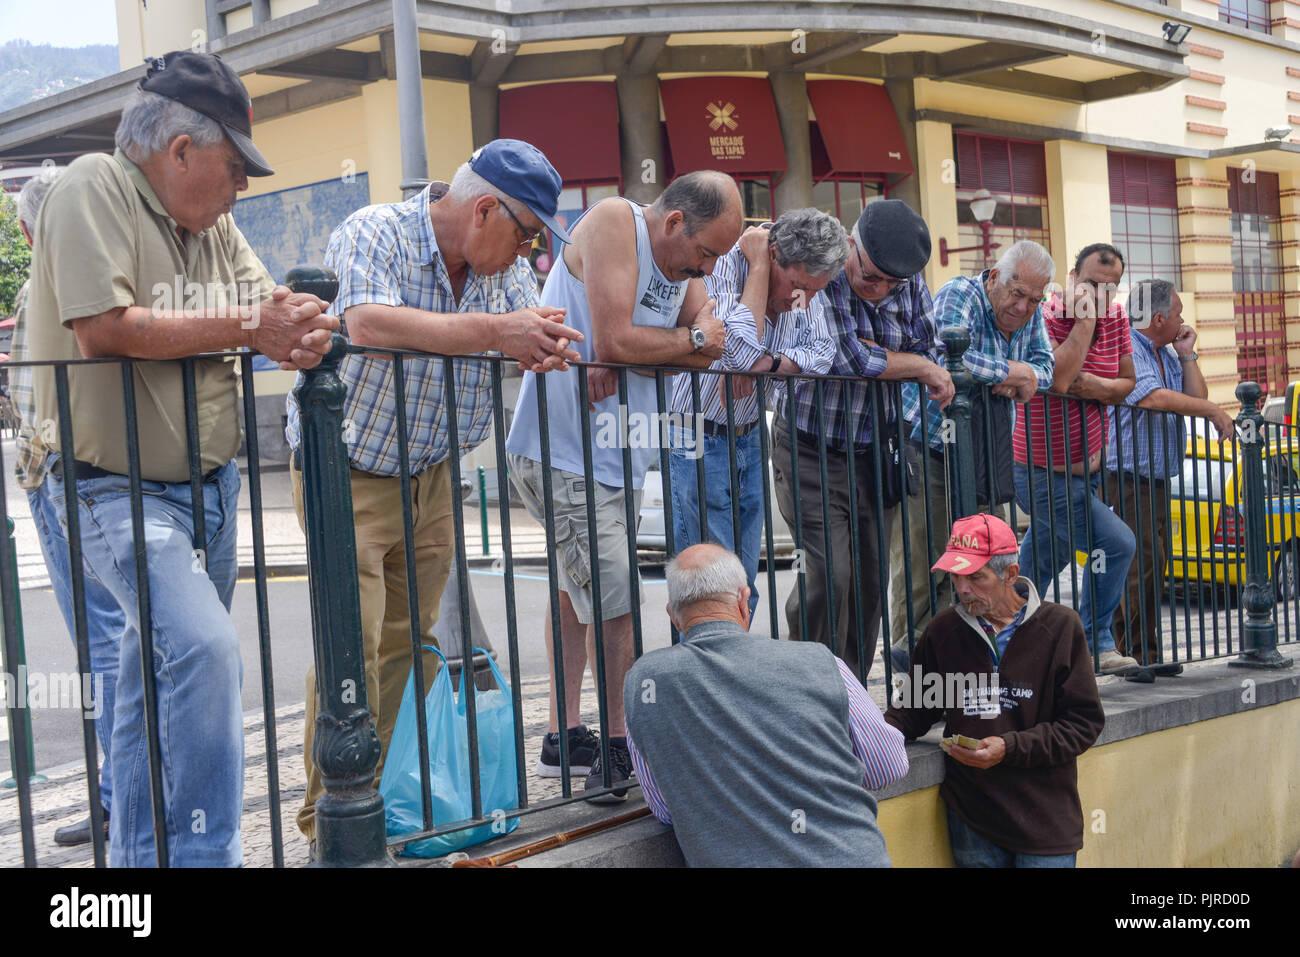 Men, card game, Funchal, Madeira, Portugal, Maenner, Kartenspiel - Stock Image